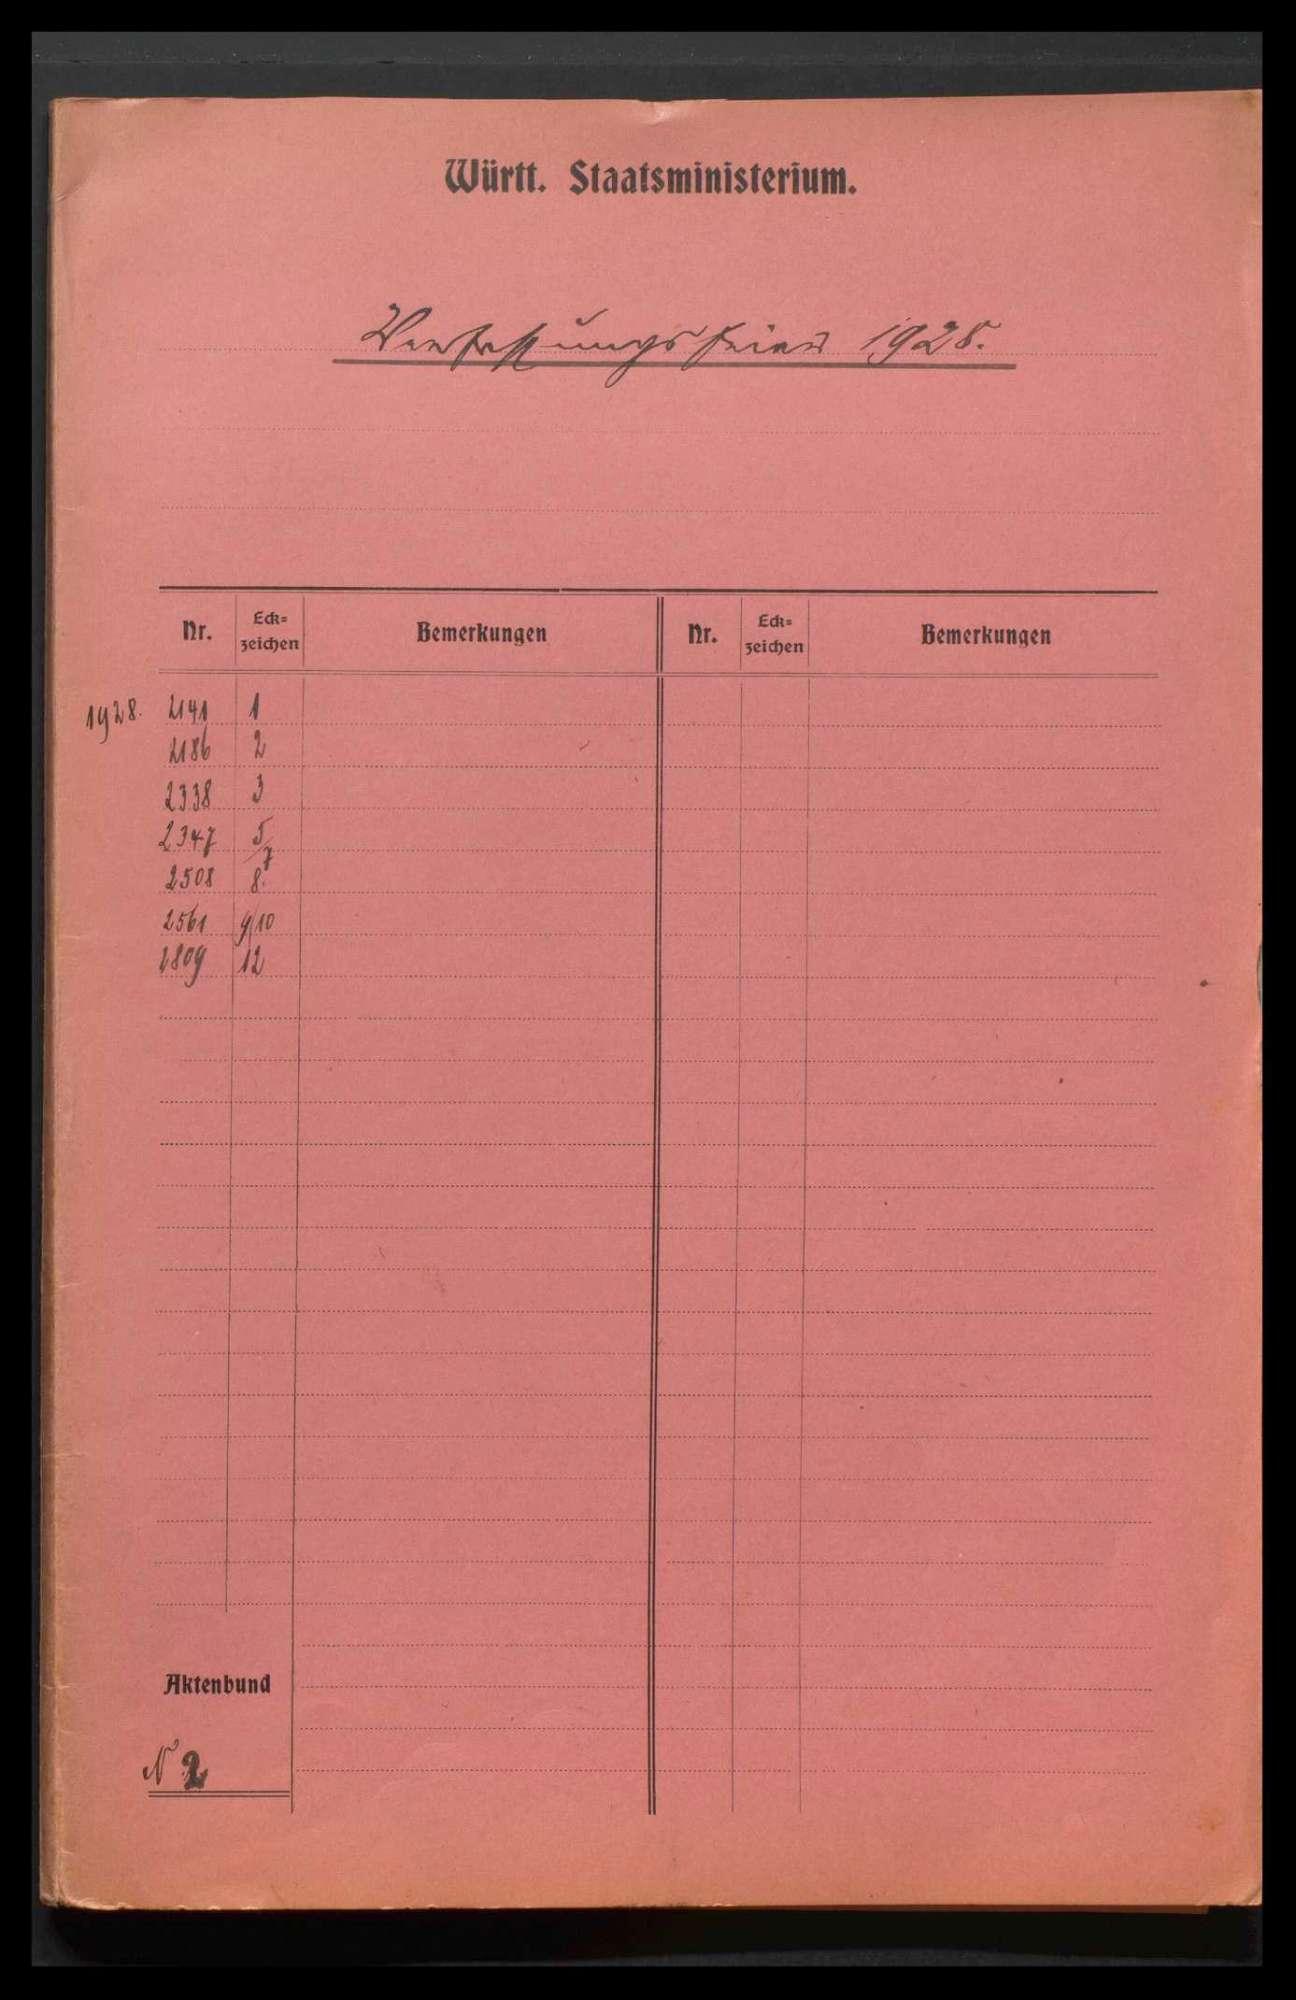 Abhaltung von Feiern zum Verfassungstag 1924-1928, Bild 1